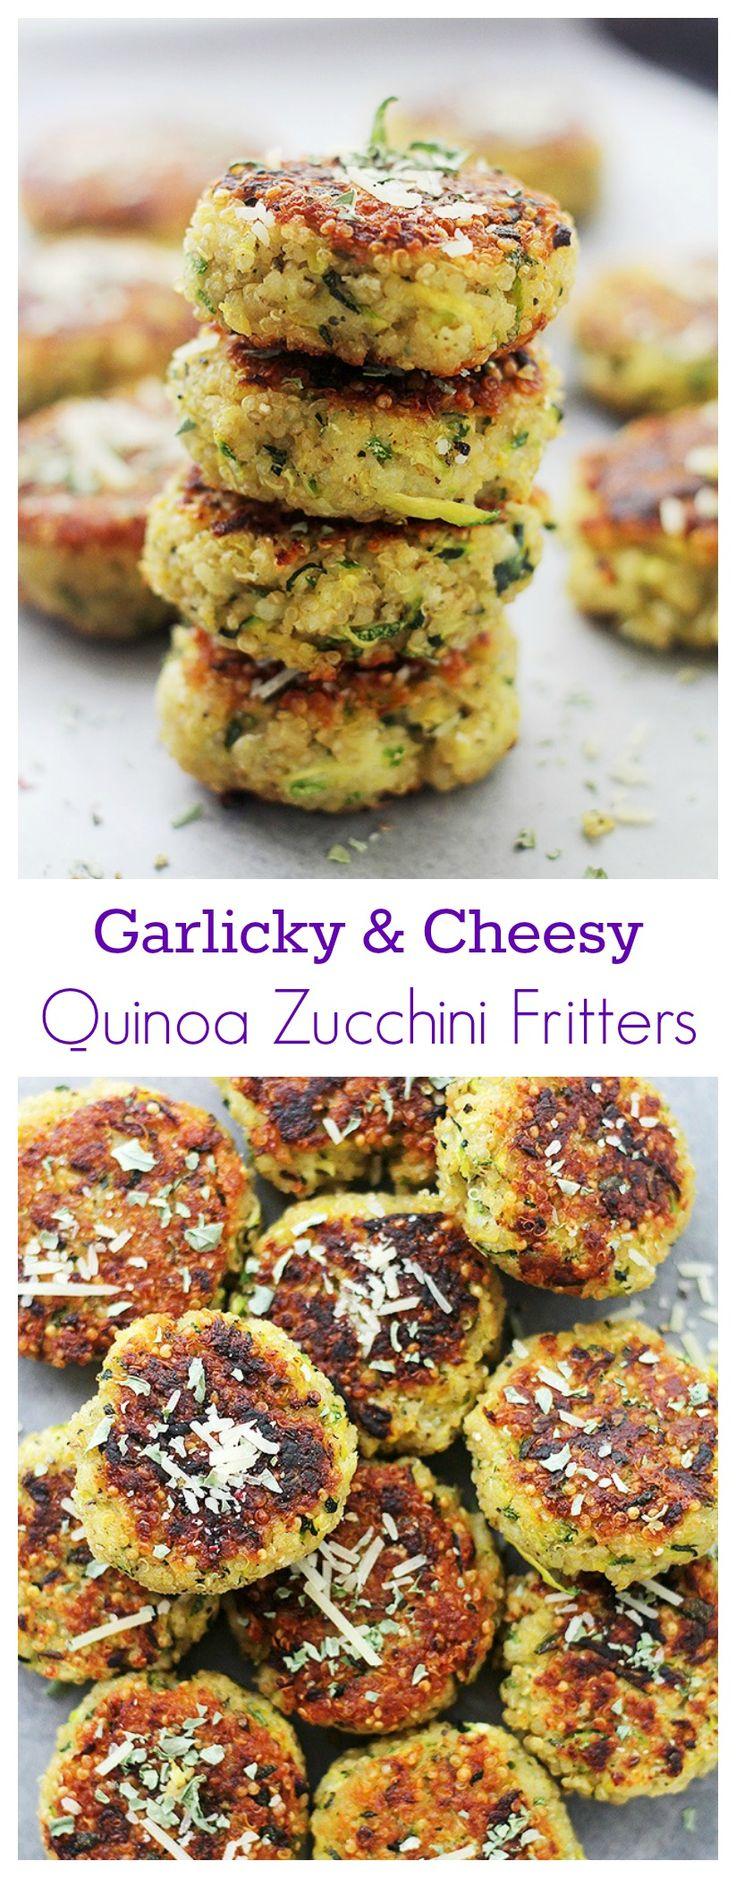 Garlicky & Cheesy Quinoa Zucchini Fritters | Recipe